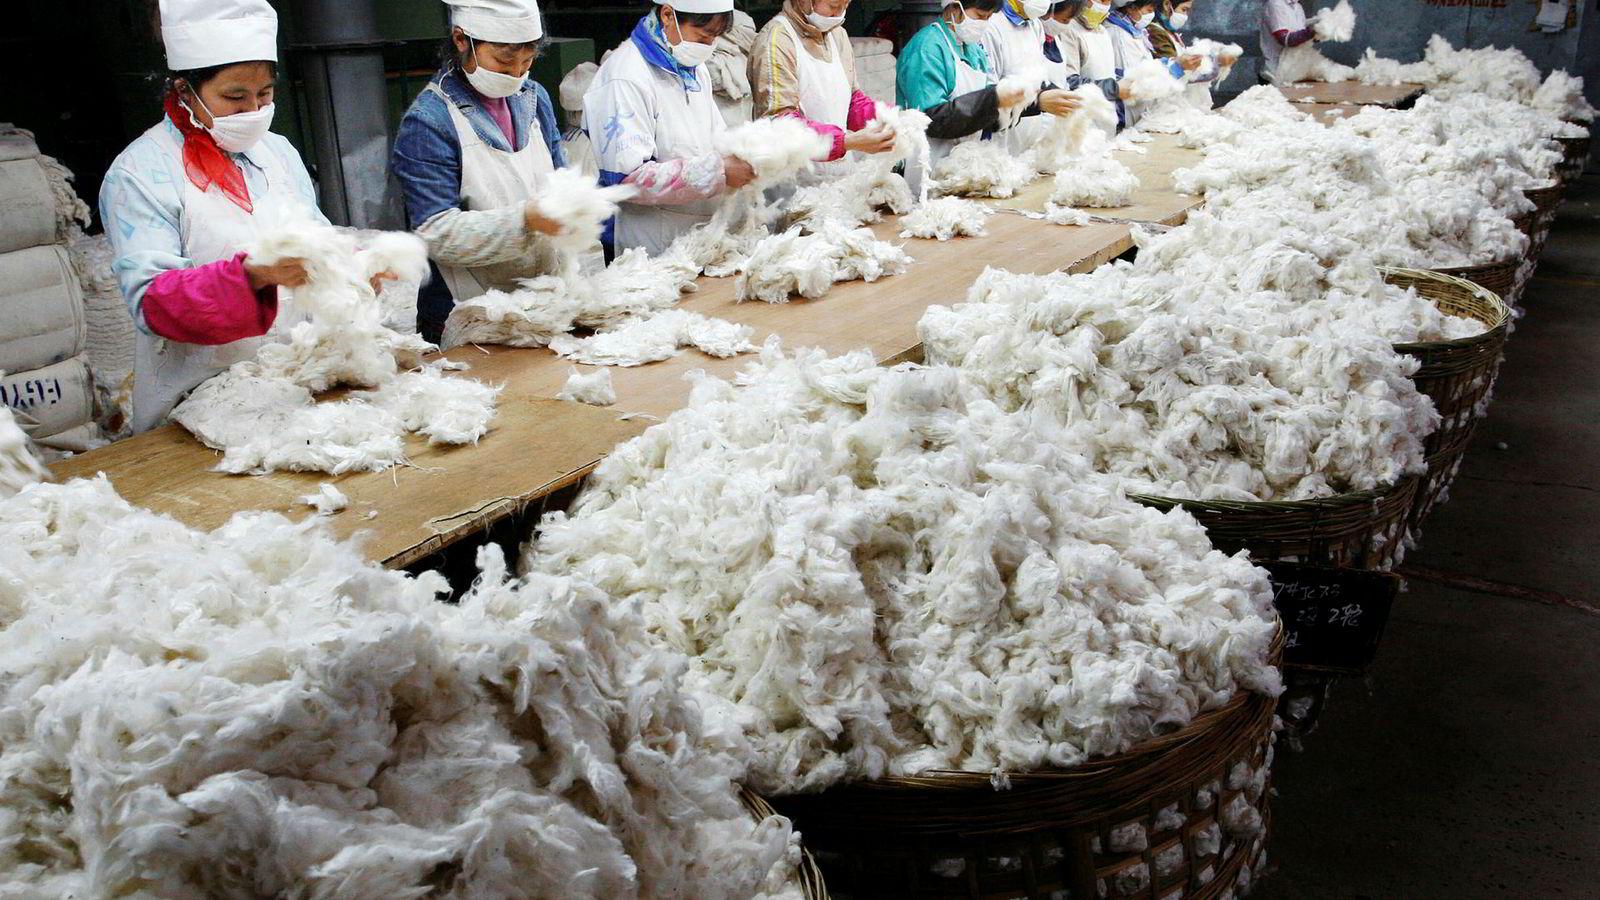 For 20 år siden flyttet internasjonale selskaper produksjonen til Kina for å utnytte de lave fabrikkarbeiderlønningene, men nå er flere selskaper bekymret over det økende kostnadsnivået. Her fra en tekstilfabrikk i Sichuan i Kina.